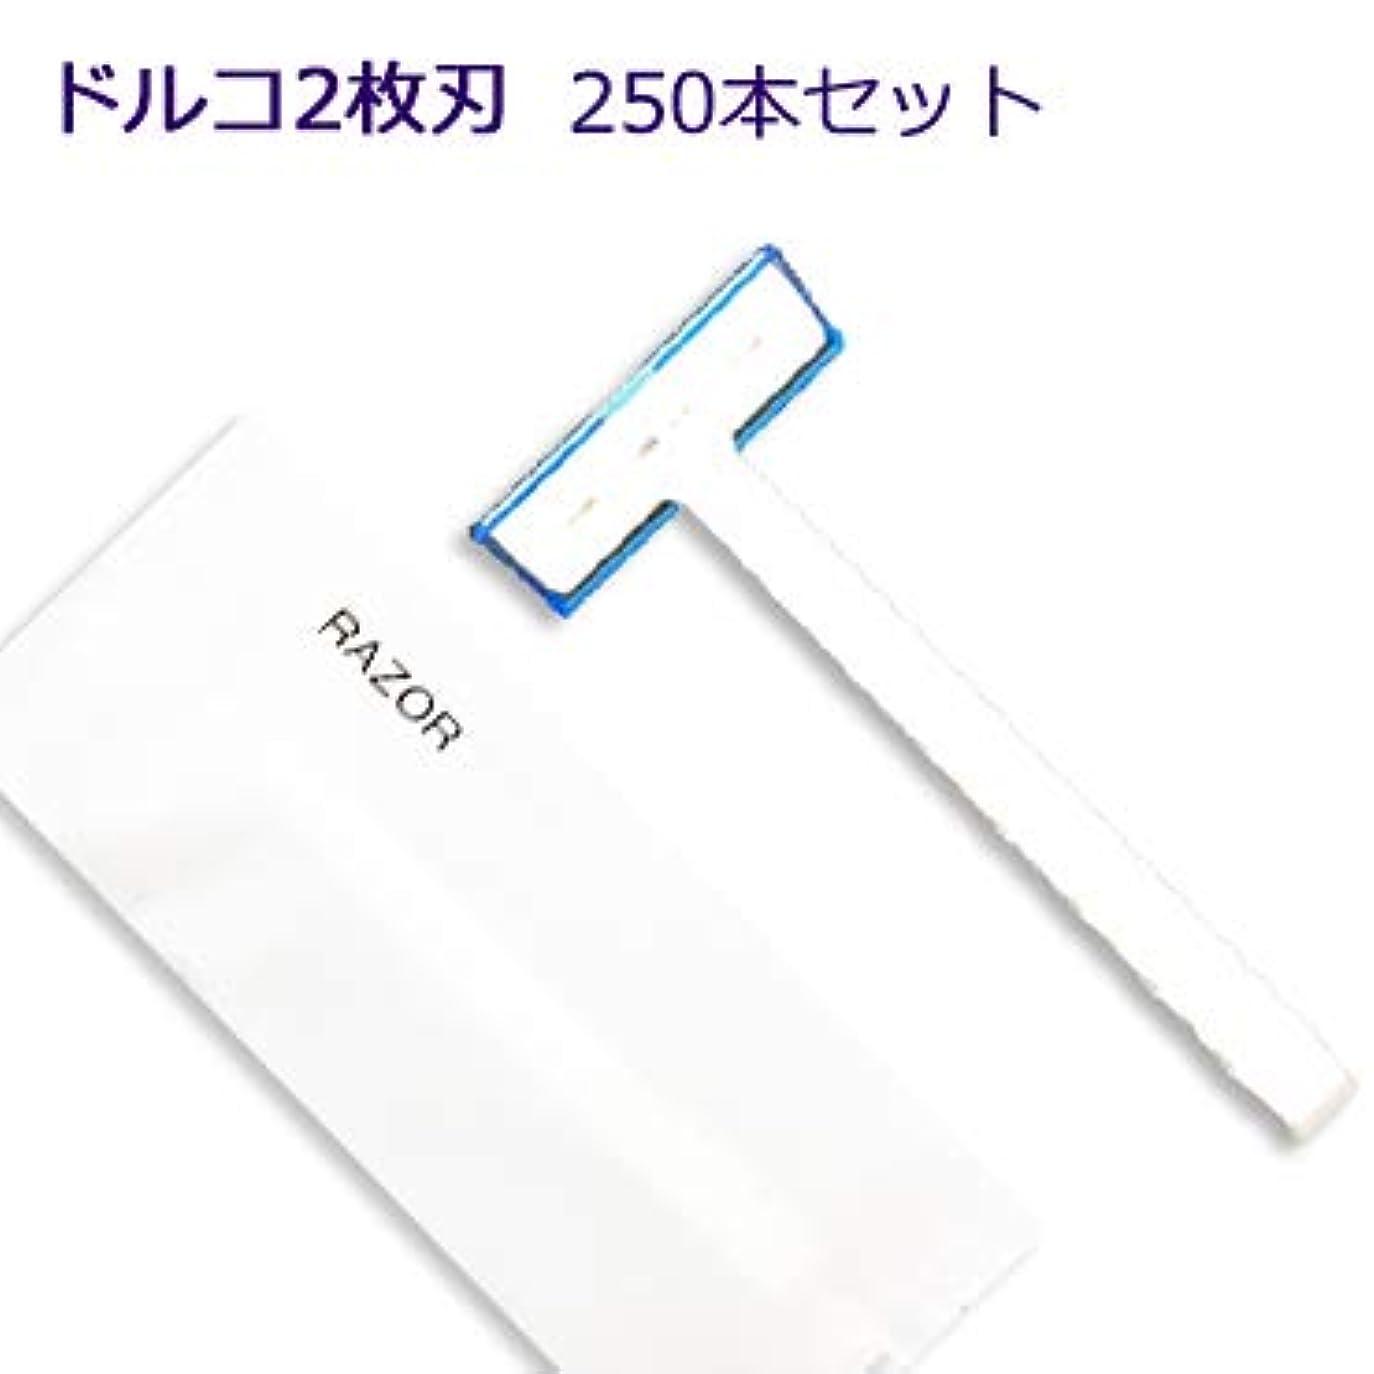 机理想的回復ホテル業務用 カミソリ マットシリーズ ドルコ 2枚刃 (1セット250個入)